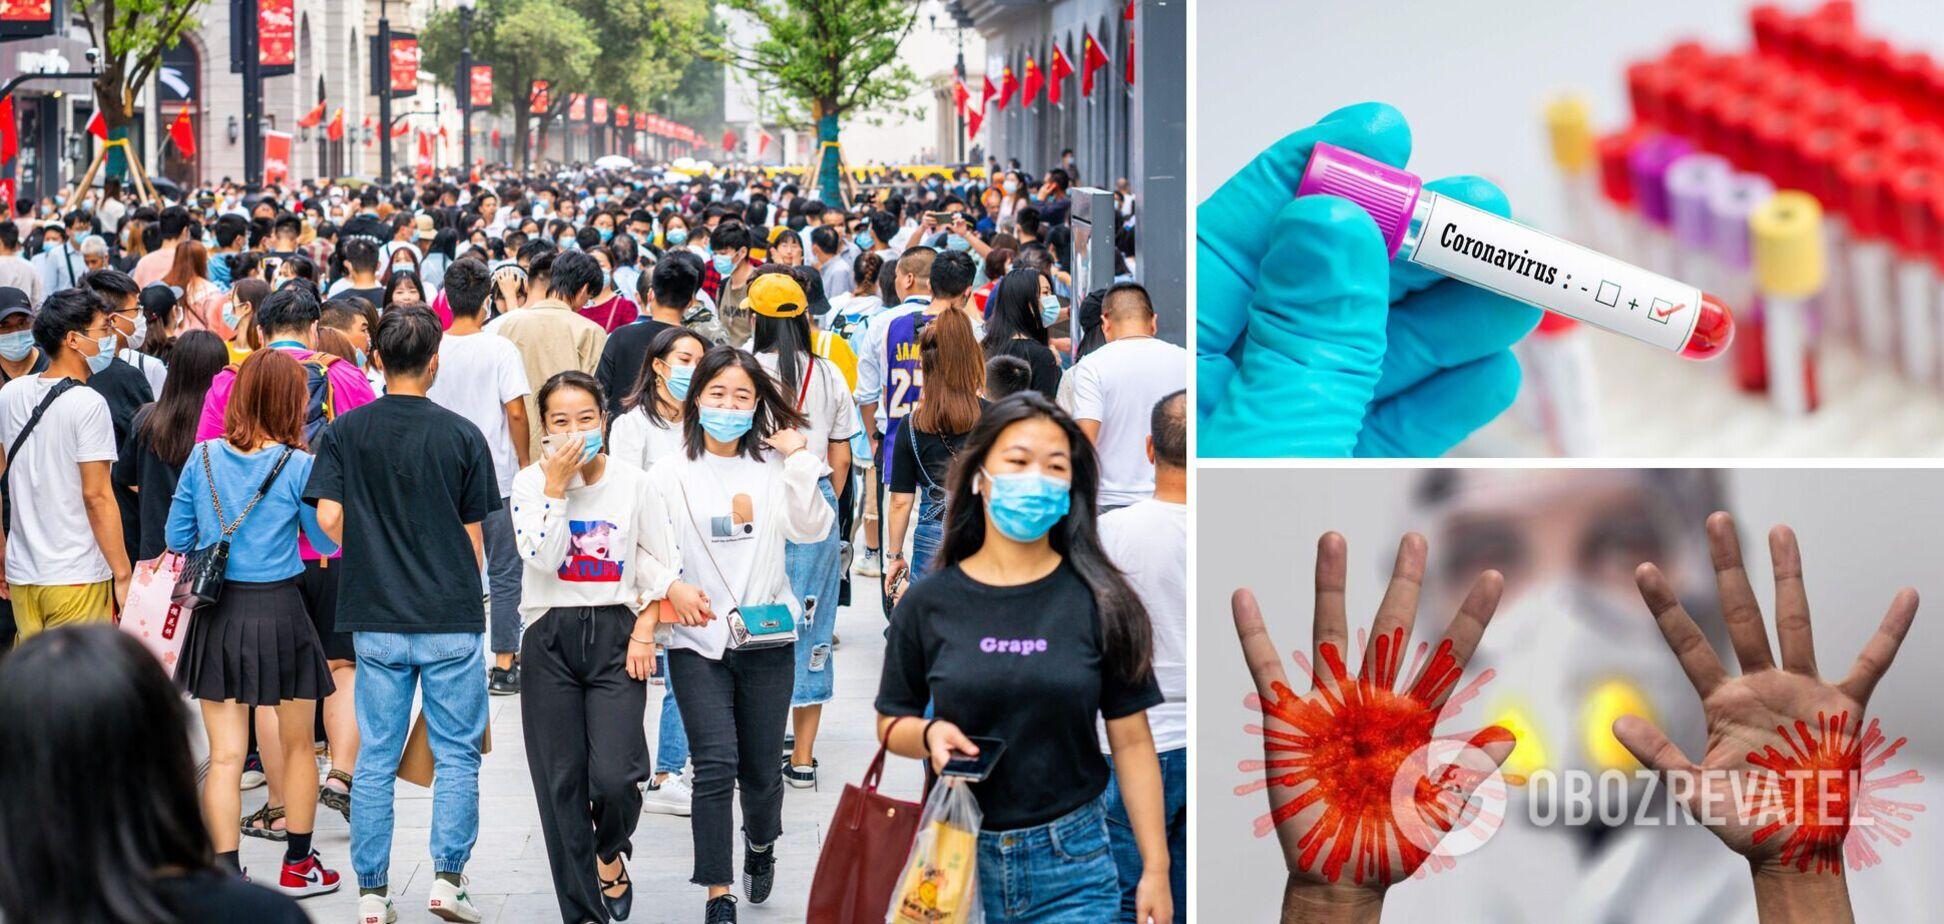 В Китае обнаружили новый эпицентр заражения COVID-19: что известно о вспышке